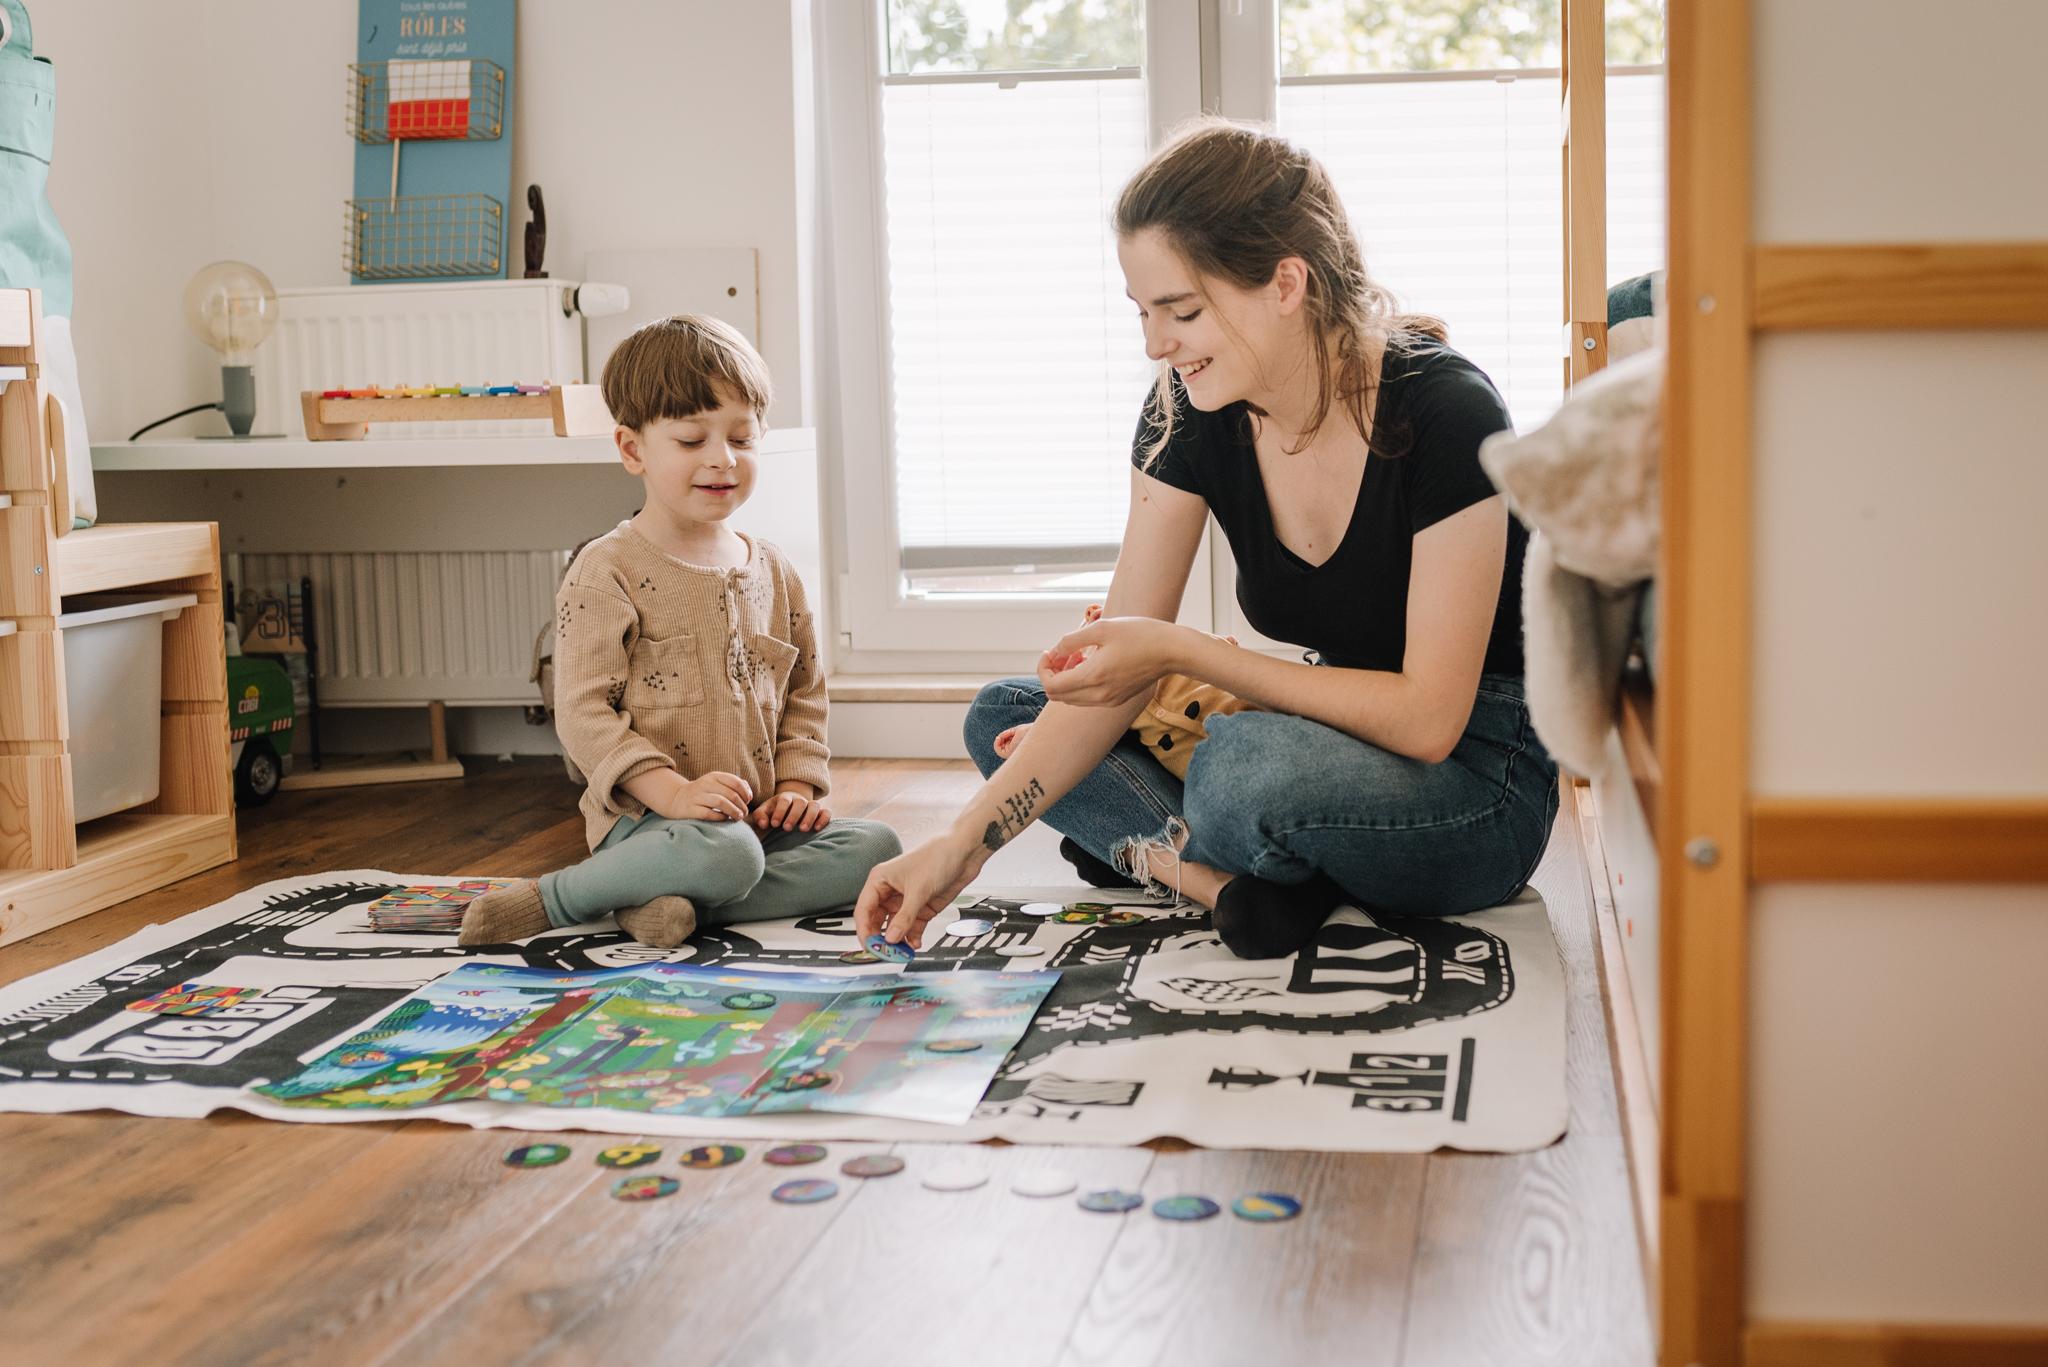 sesja lifestyle w domu podczas zabawy chłopca z mamą